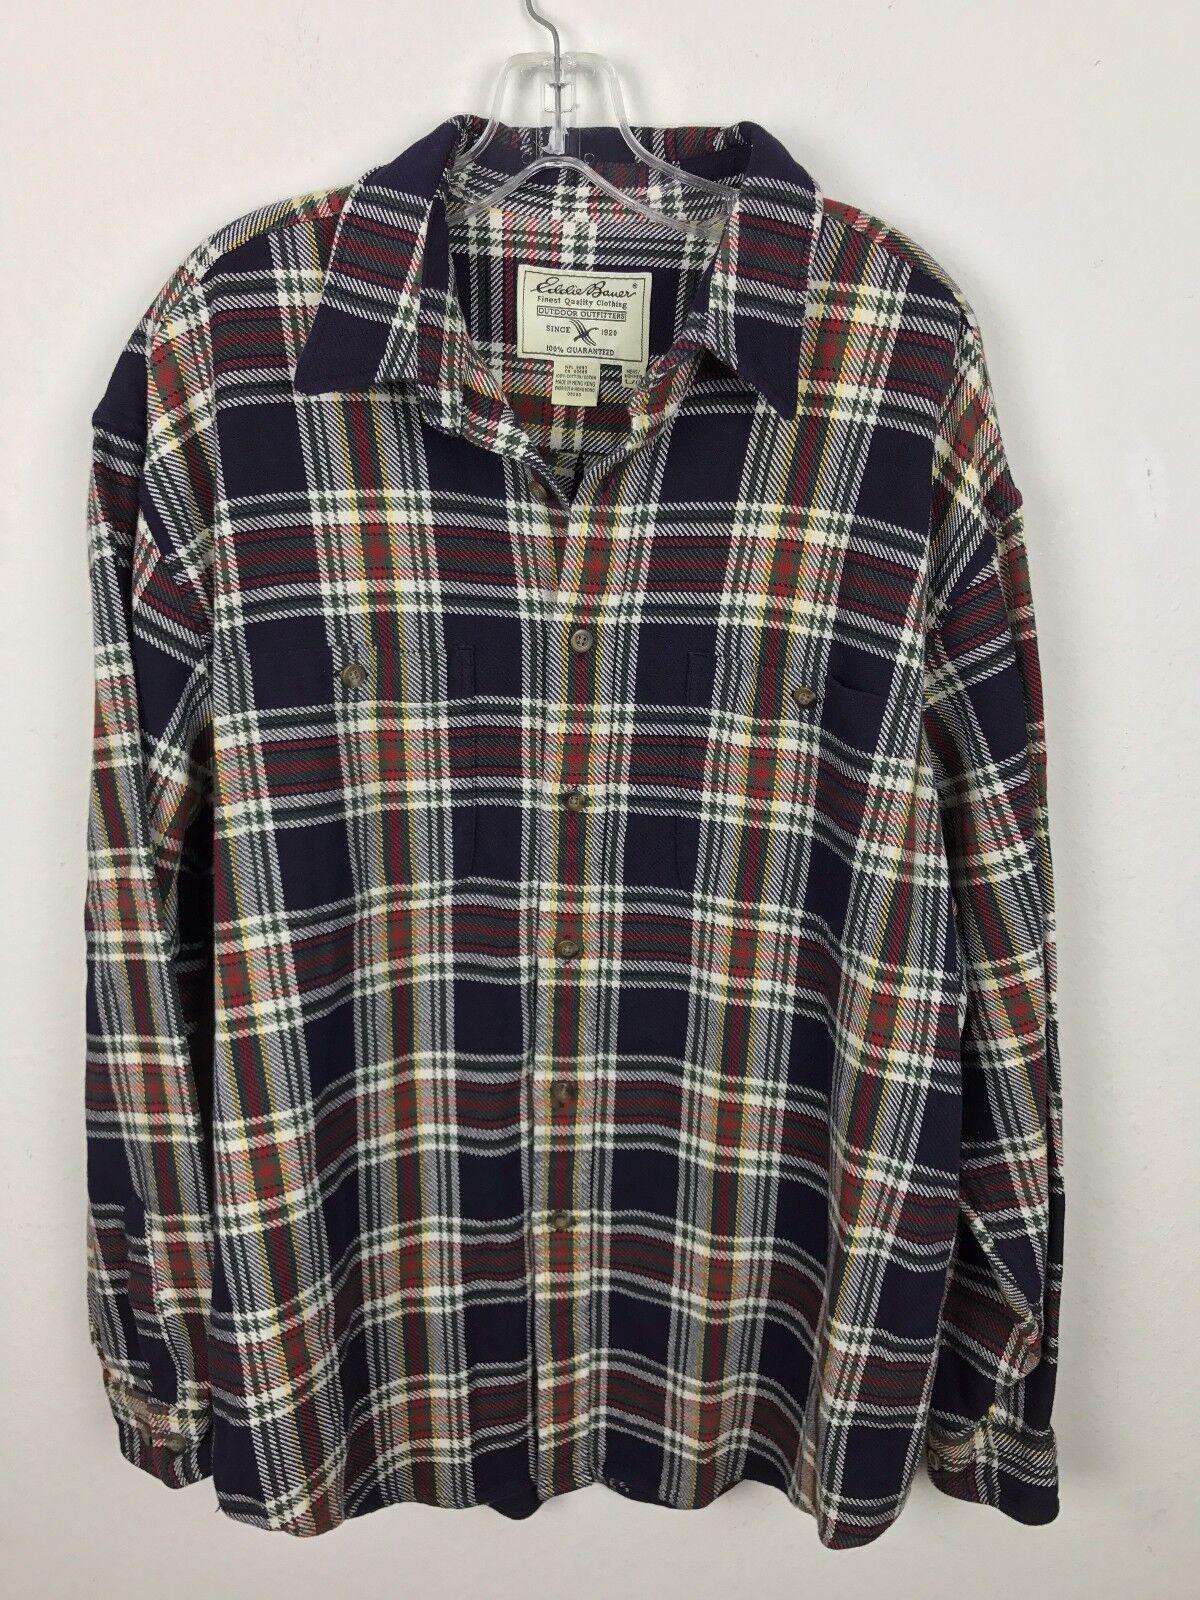 Eddie Bauer Heavy Shirt Größe L Outdoor Outfitters Jacket Plaid Button Vorne